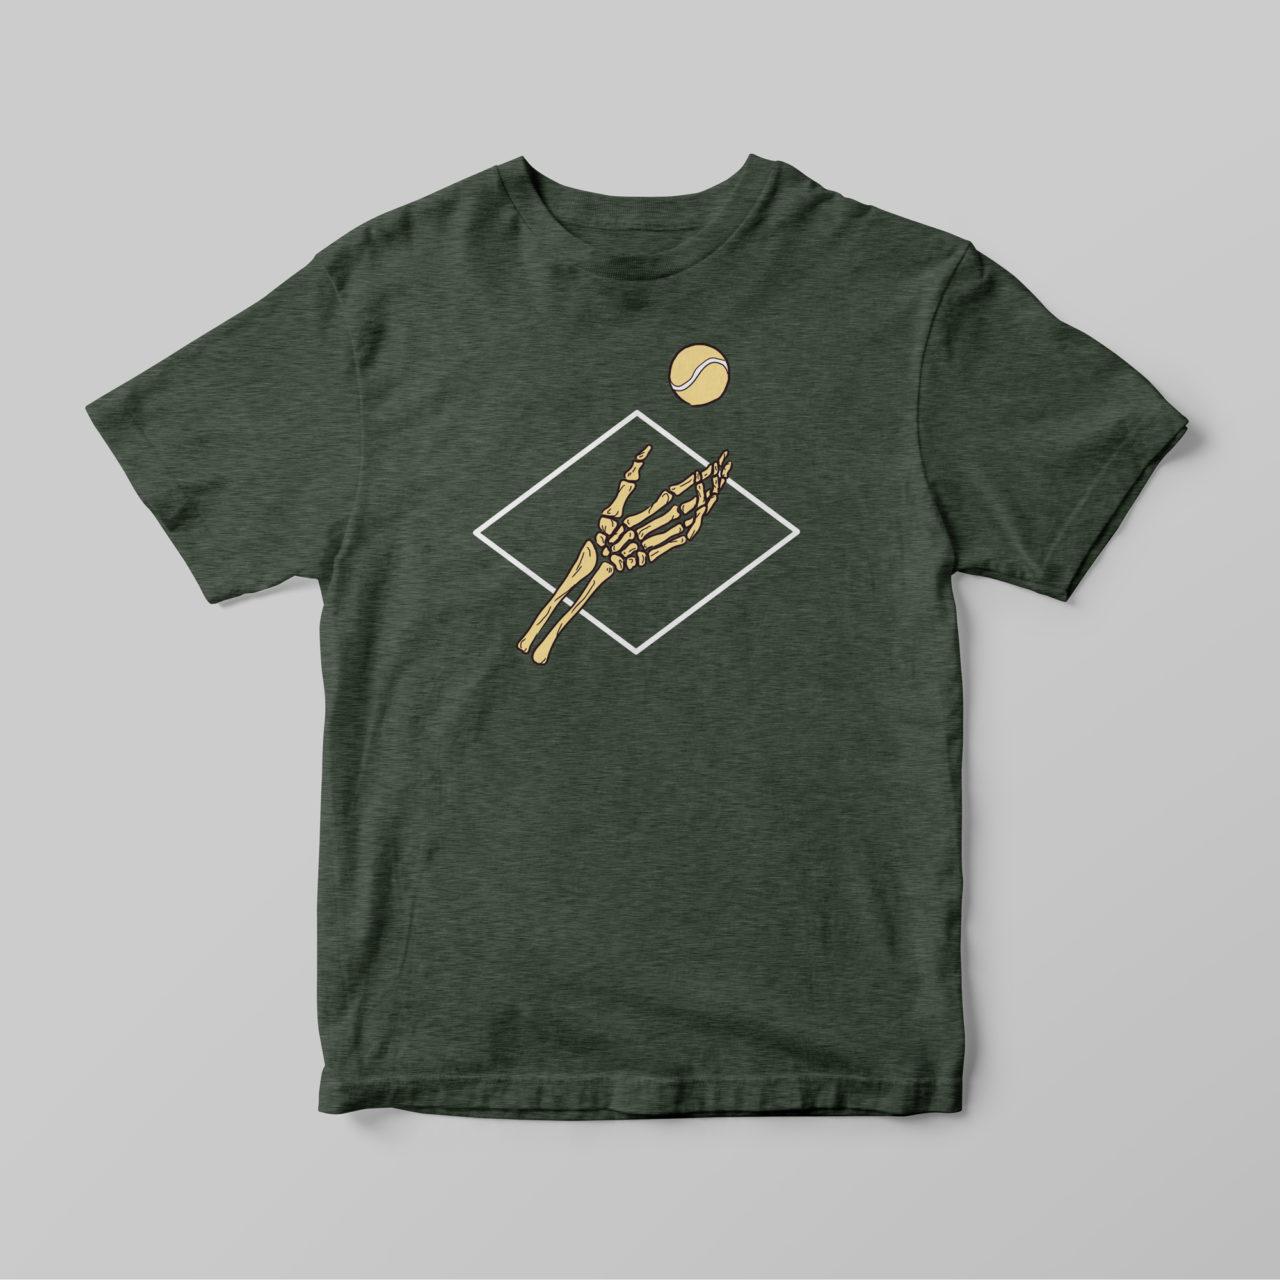 Tshirt-Mockup_Skel